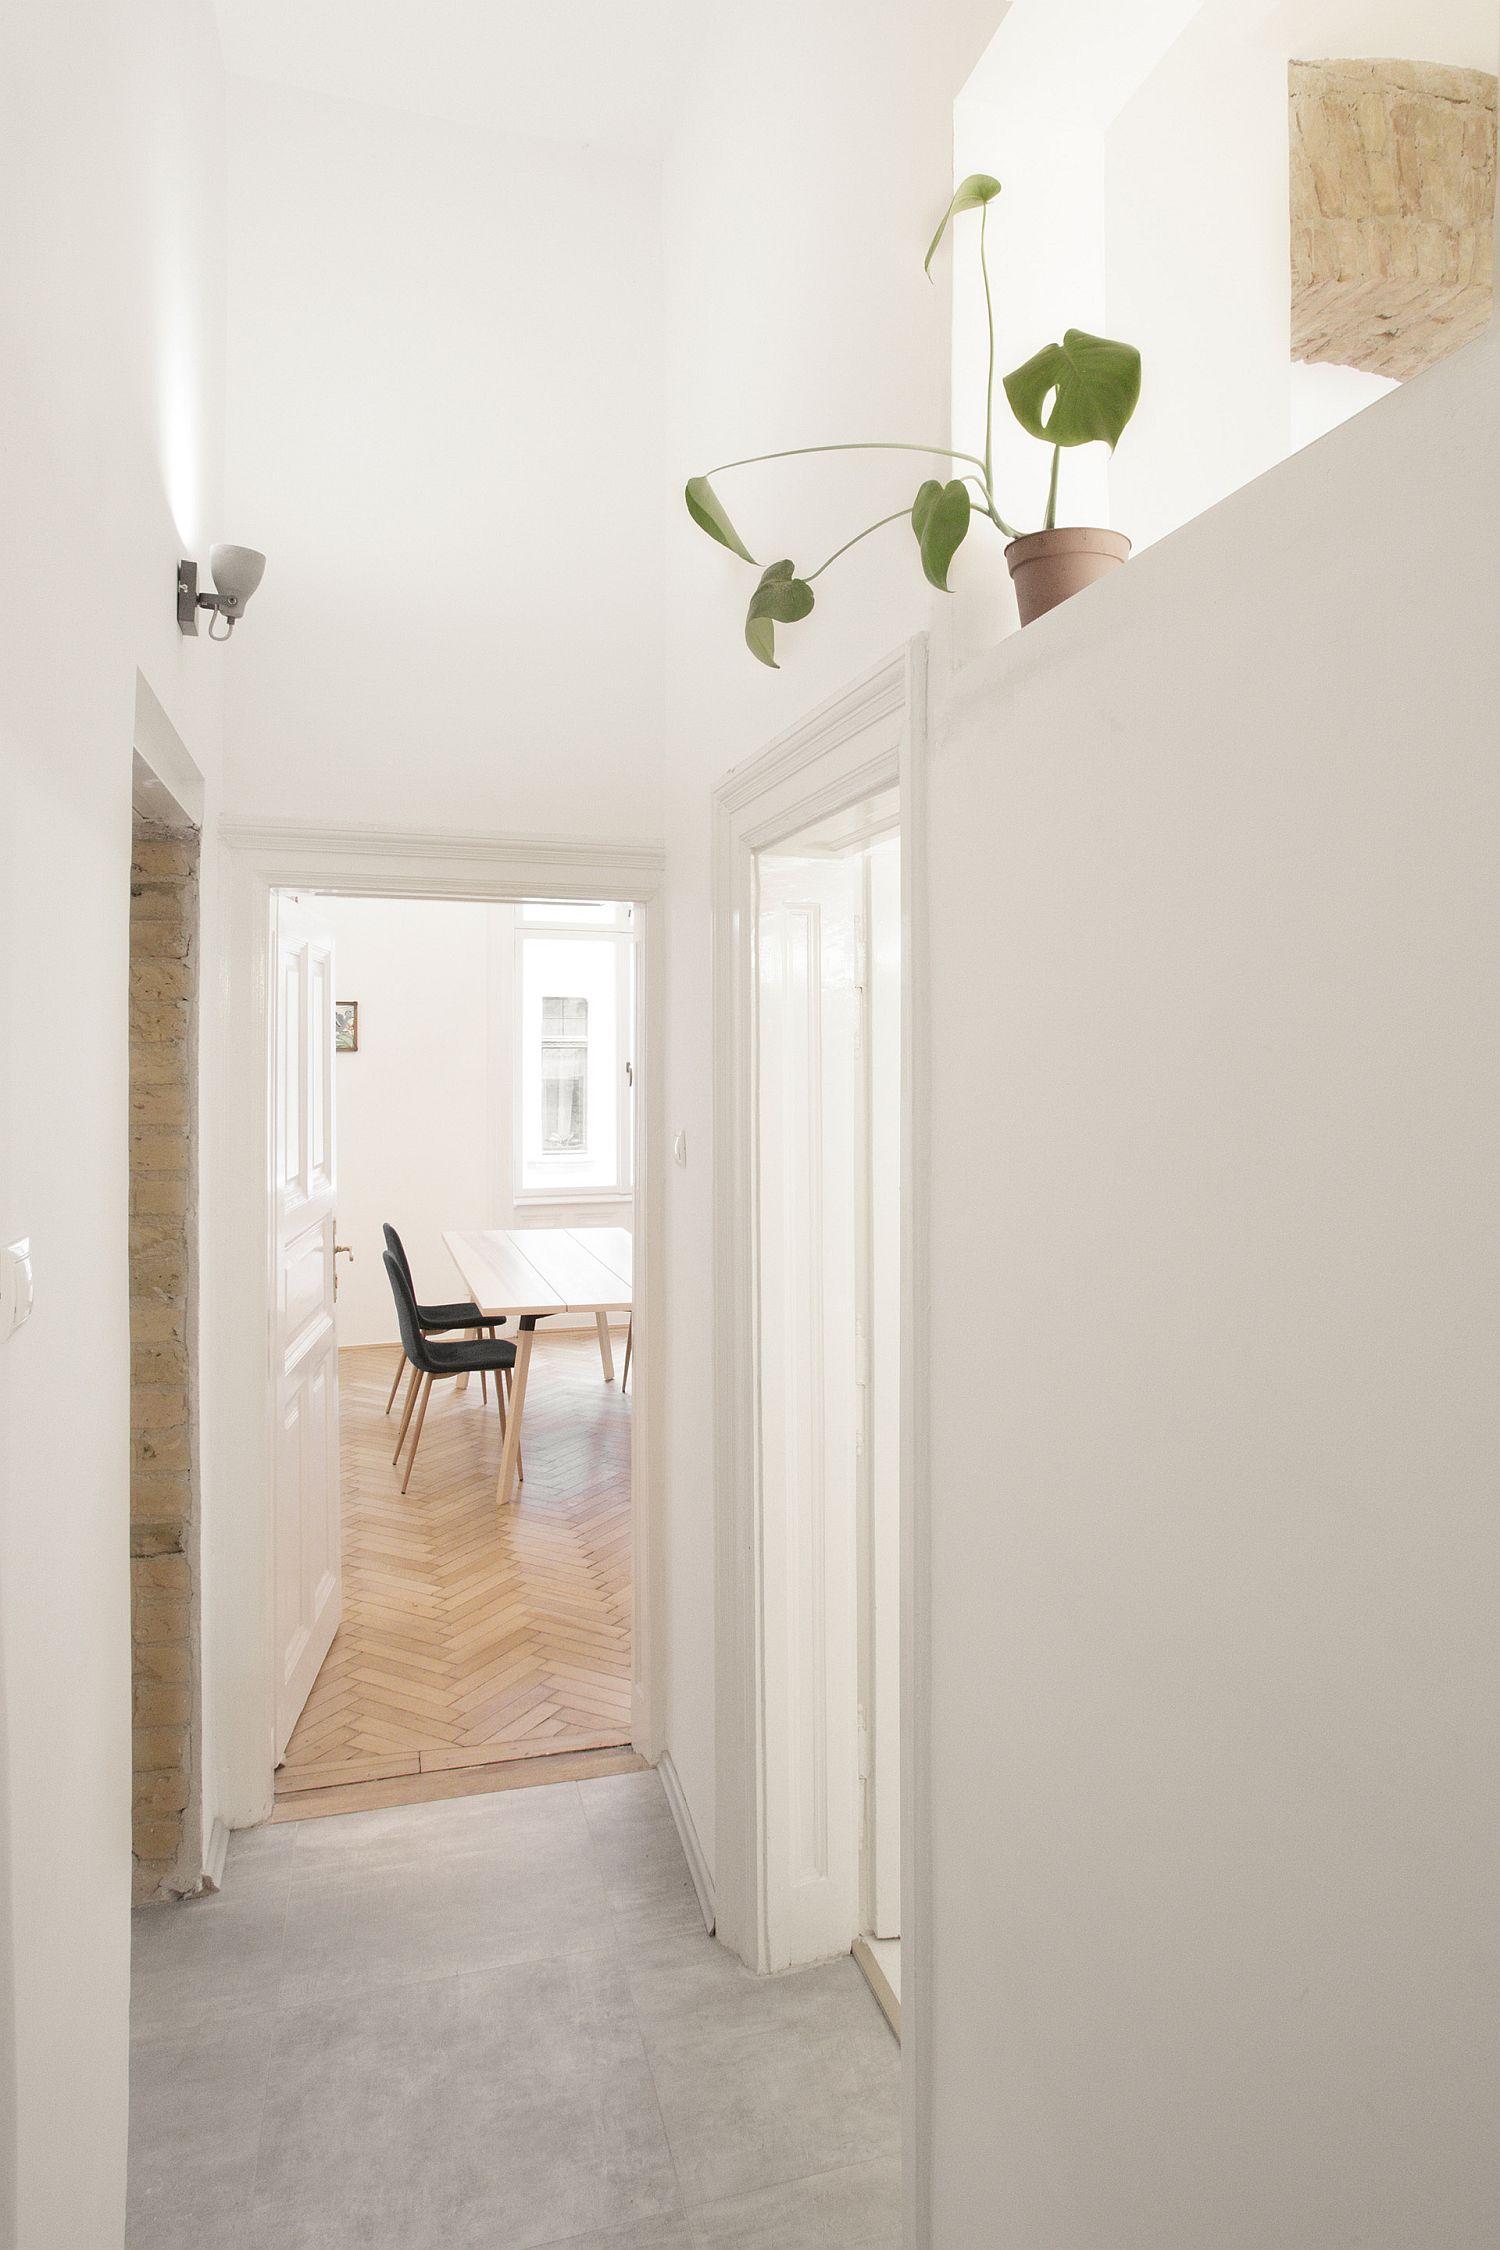 Khu vực hành lang nhỏ với sàn bê tông sạch sẽ, dẫn lối vào phòng tắm, phía trên tường  đặt chậu cảnh nhỏ xinh.